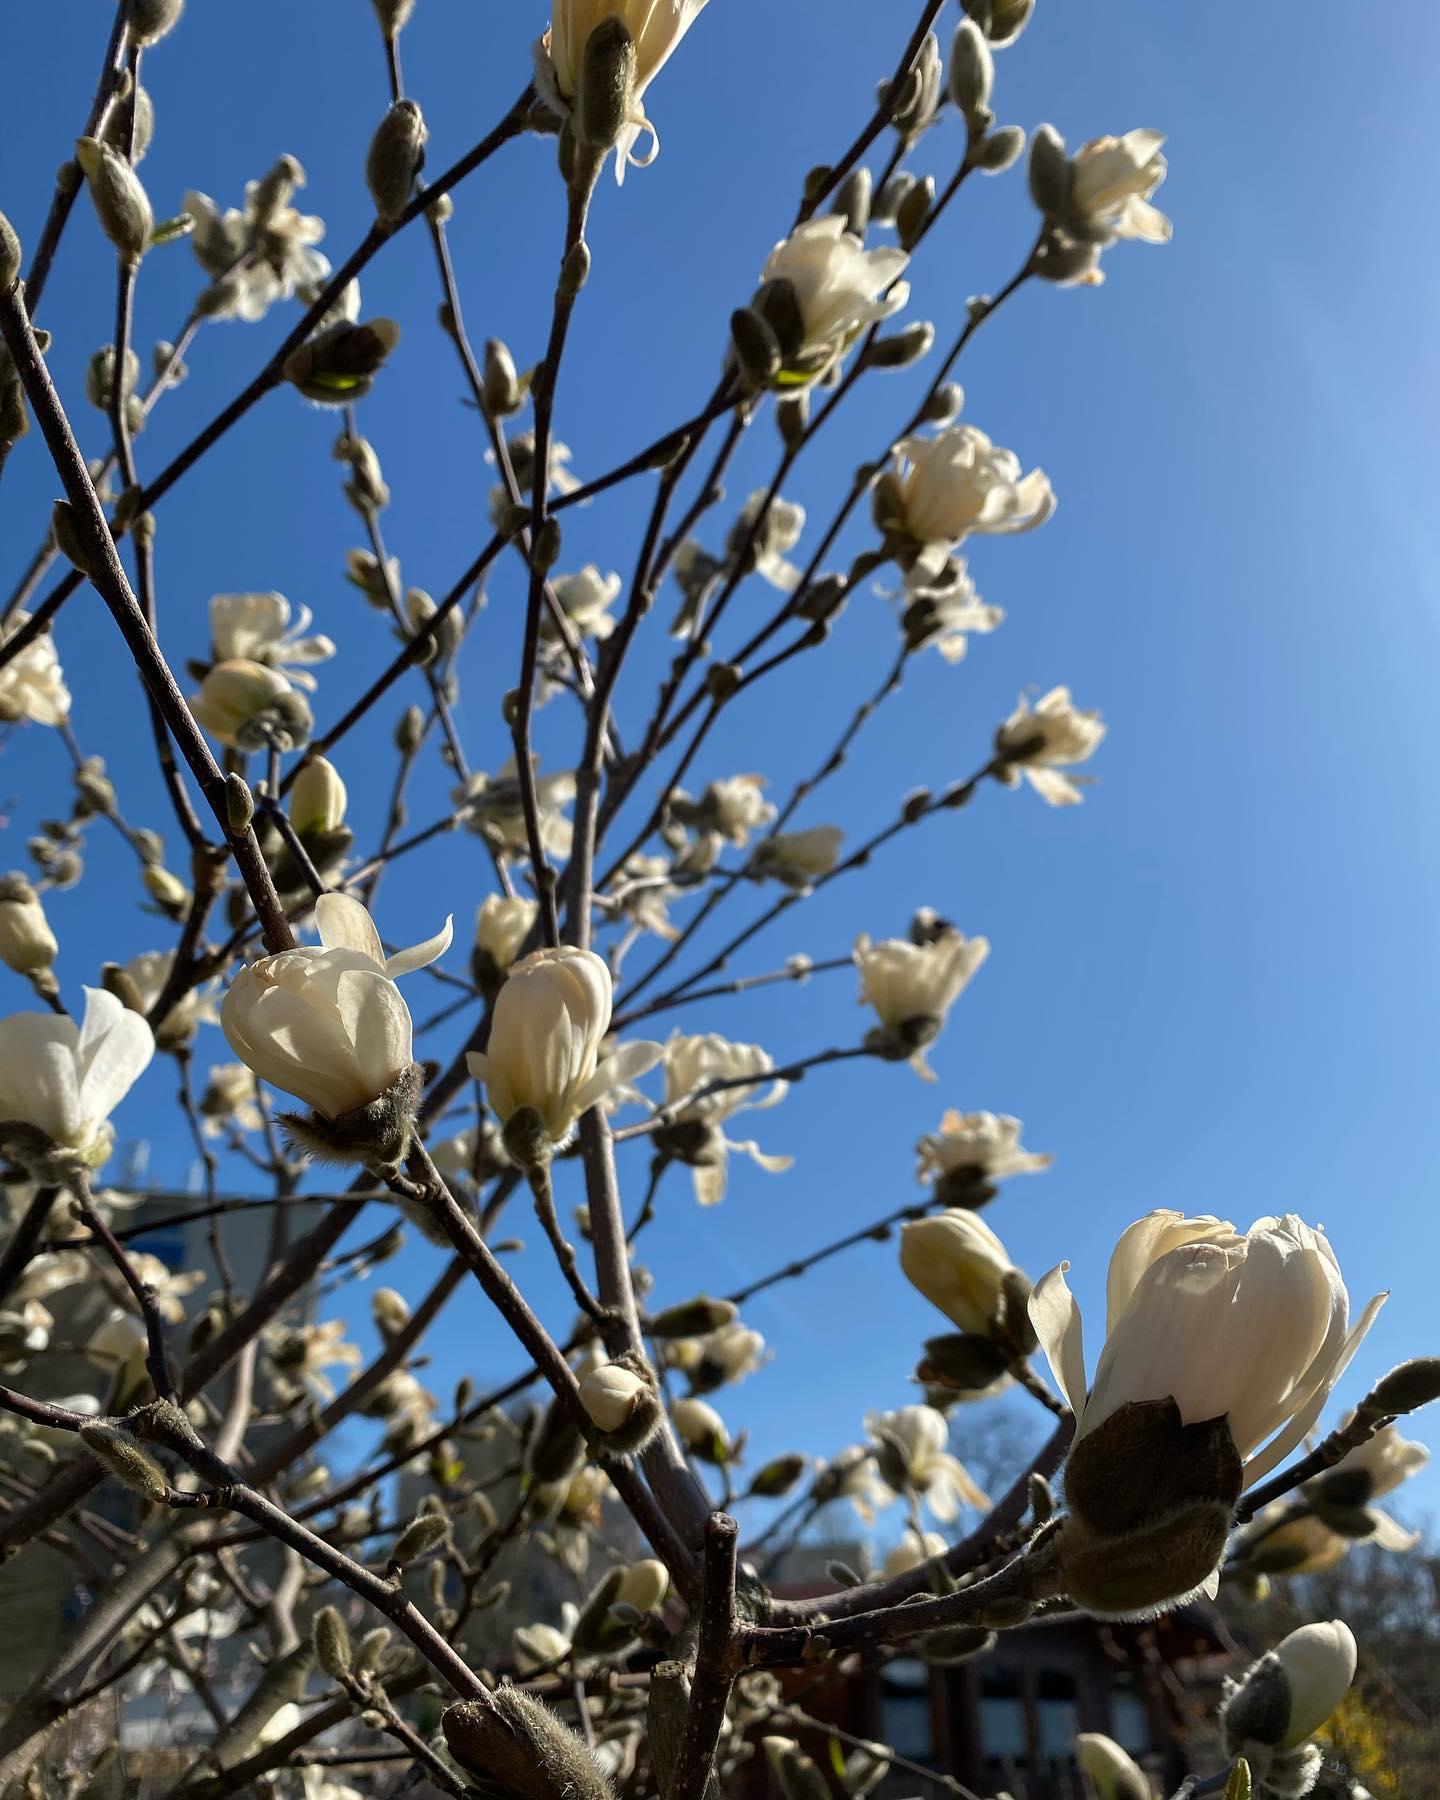 Immerhin scheint die Sonne in Deutschland 🌞 #erlebees #sun #spring